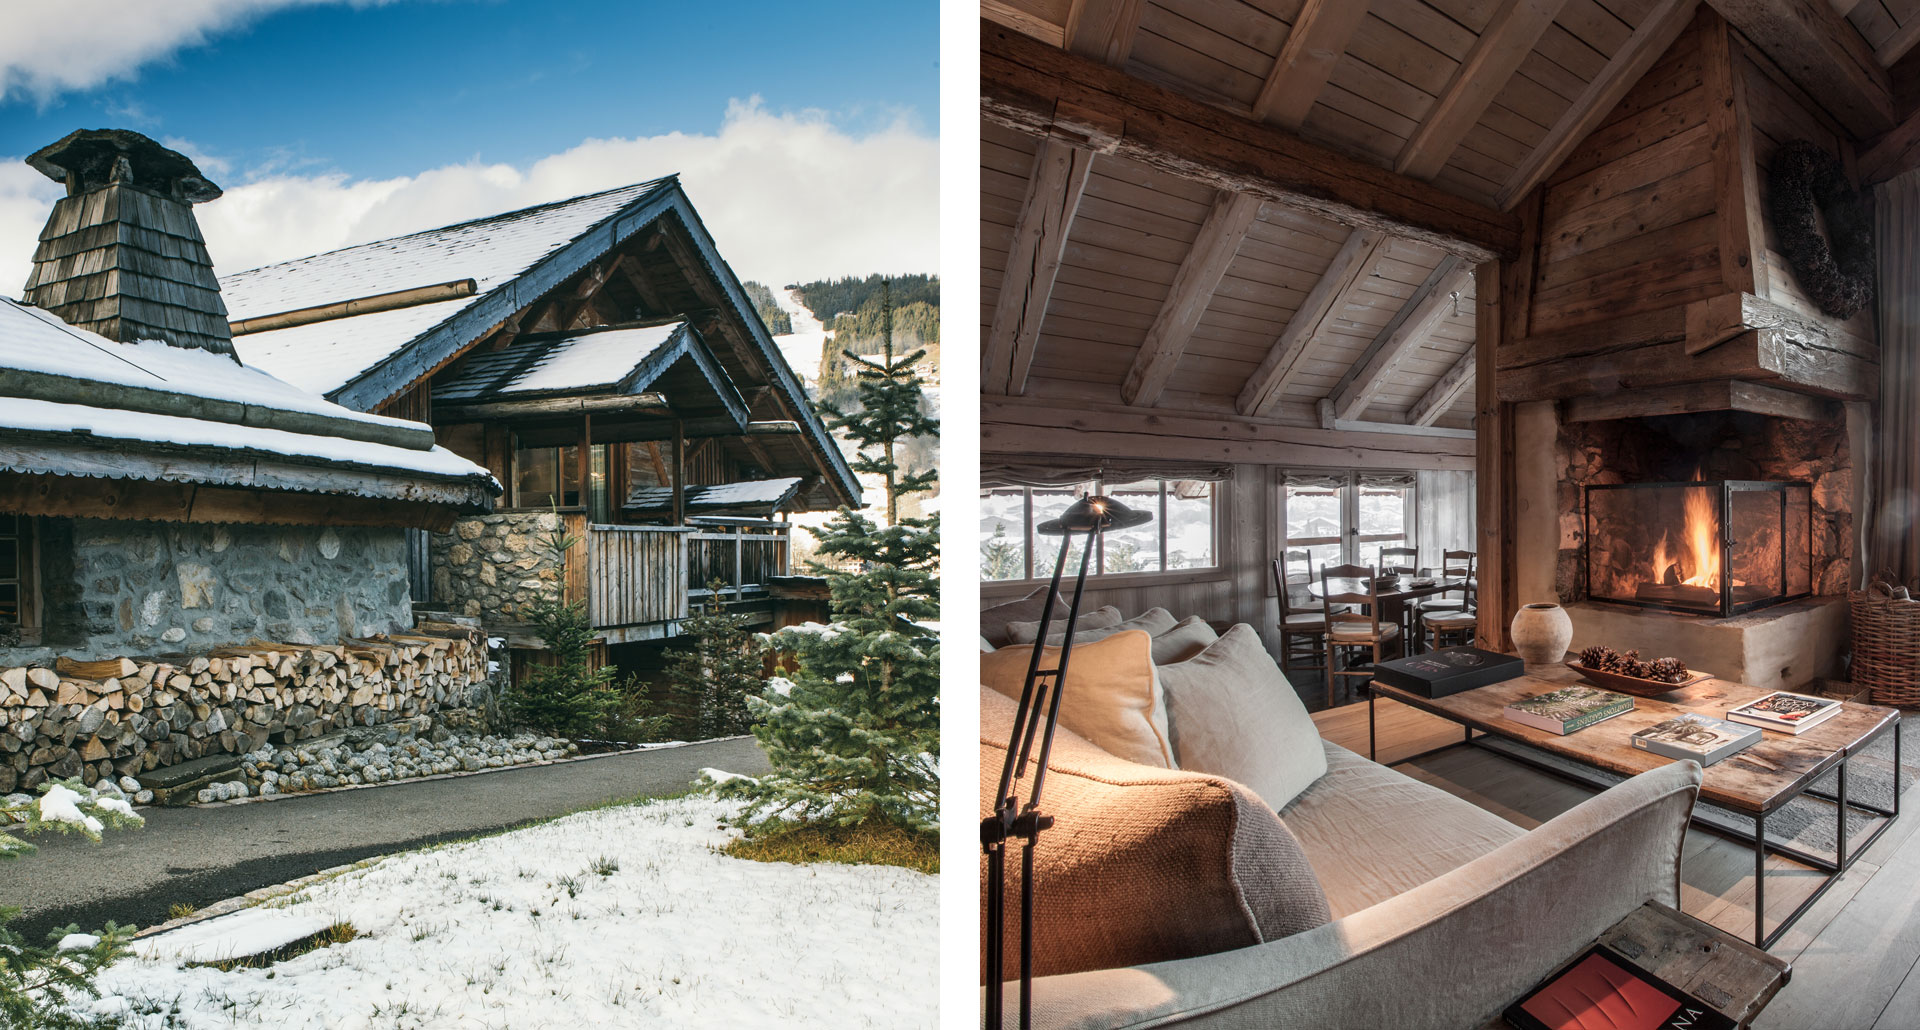 LE CHALET ZANNIER - boutique ski hotel Megève, France